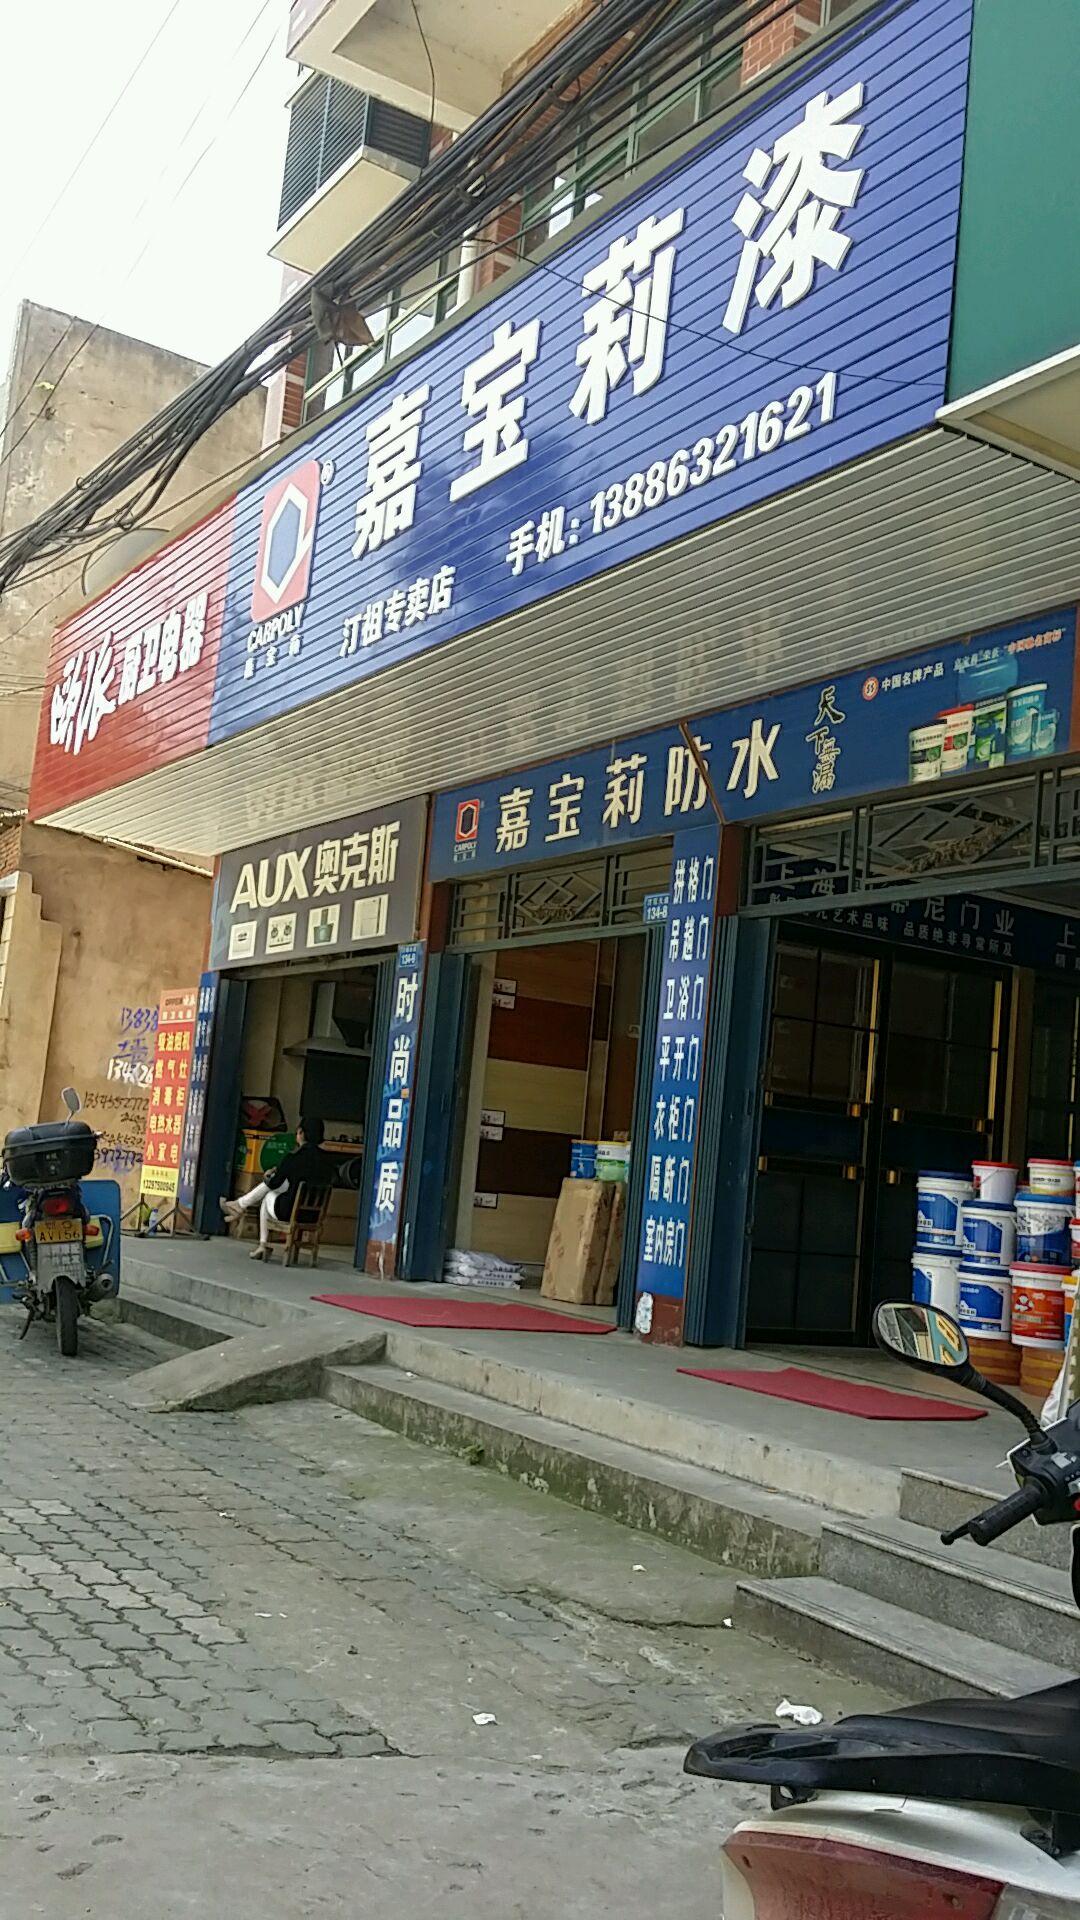 湖北省鄂州市鄂城区汀祖大道134-7号职高v大道初中图片